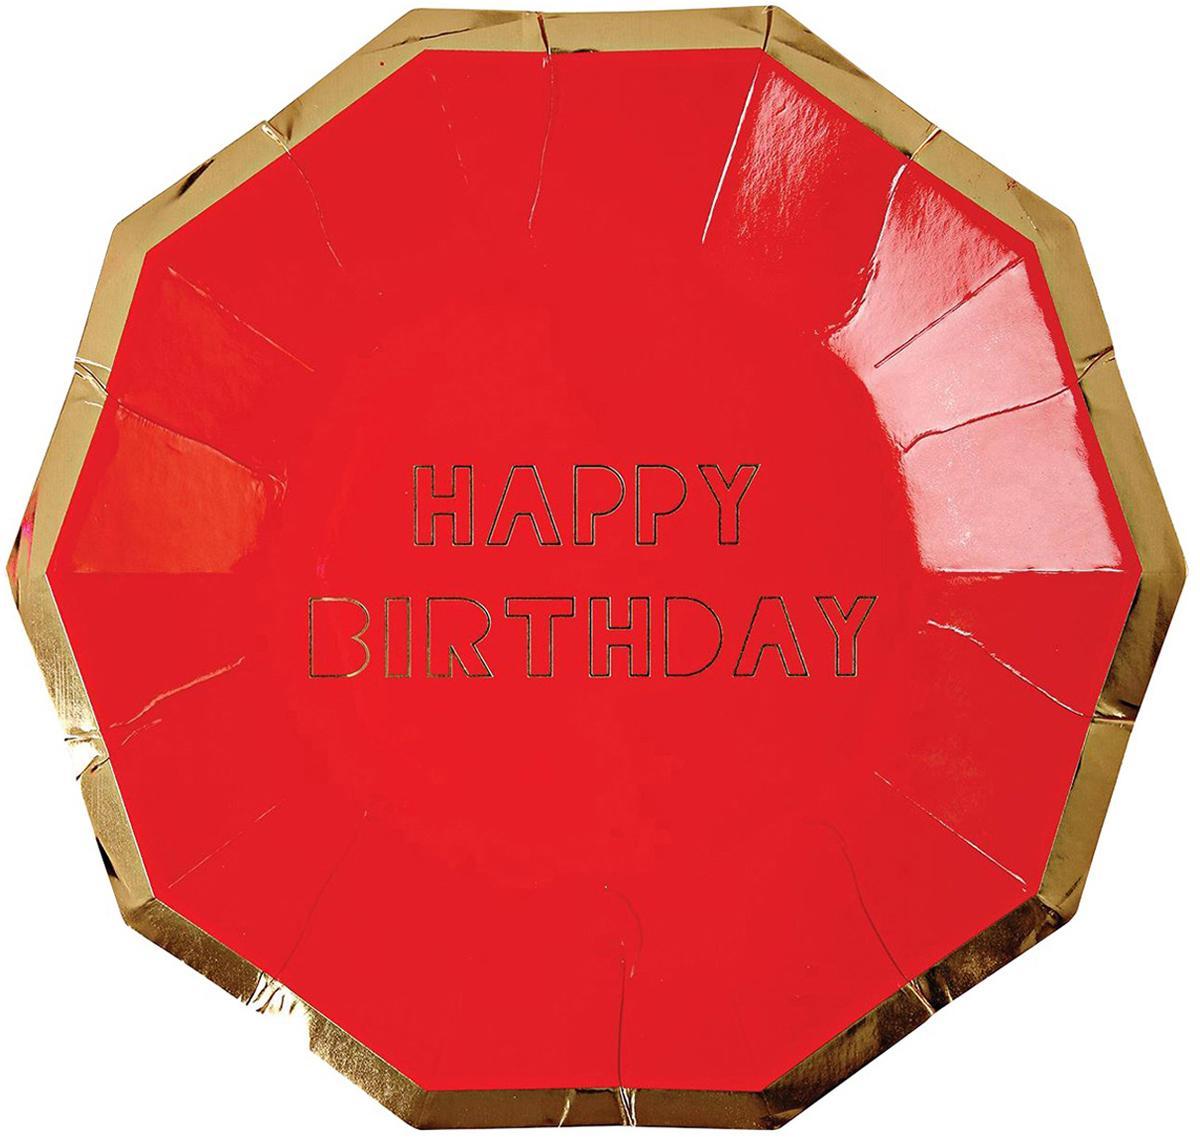 Piatto di carta Happy Birthday, 16 pz., Carta, rivestito, Rosso, dorato, L 19 x A 19 cm